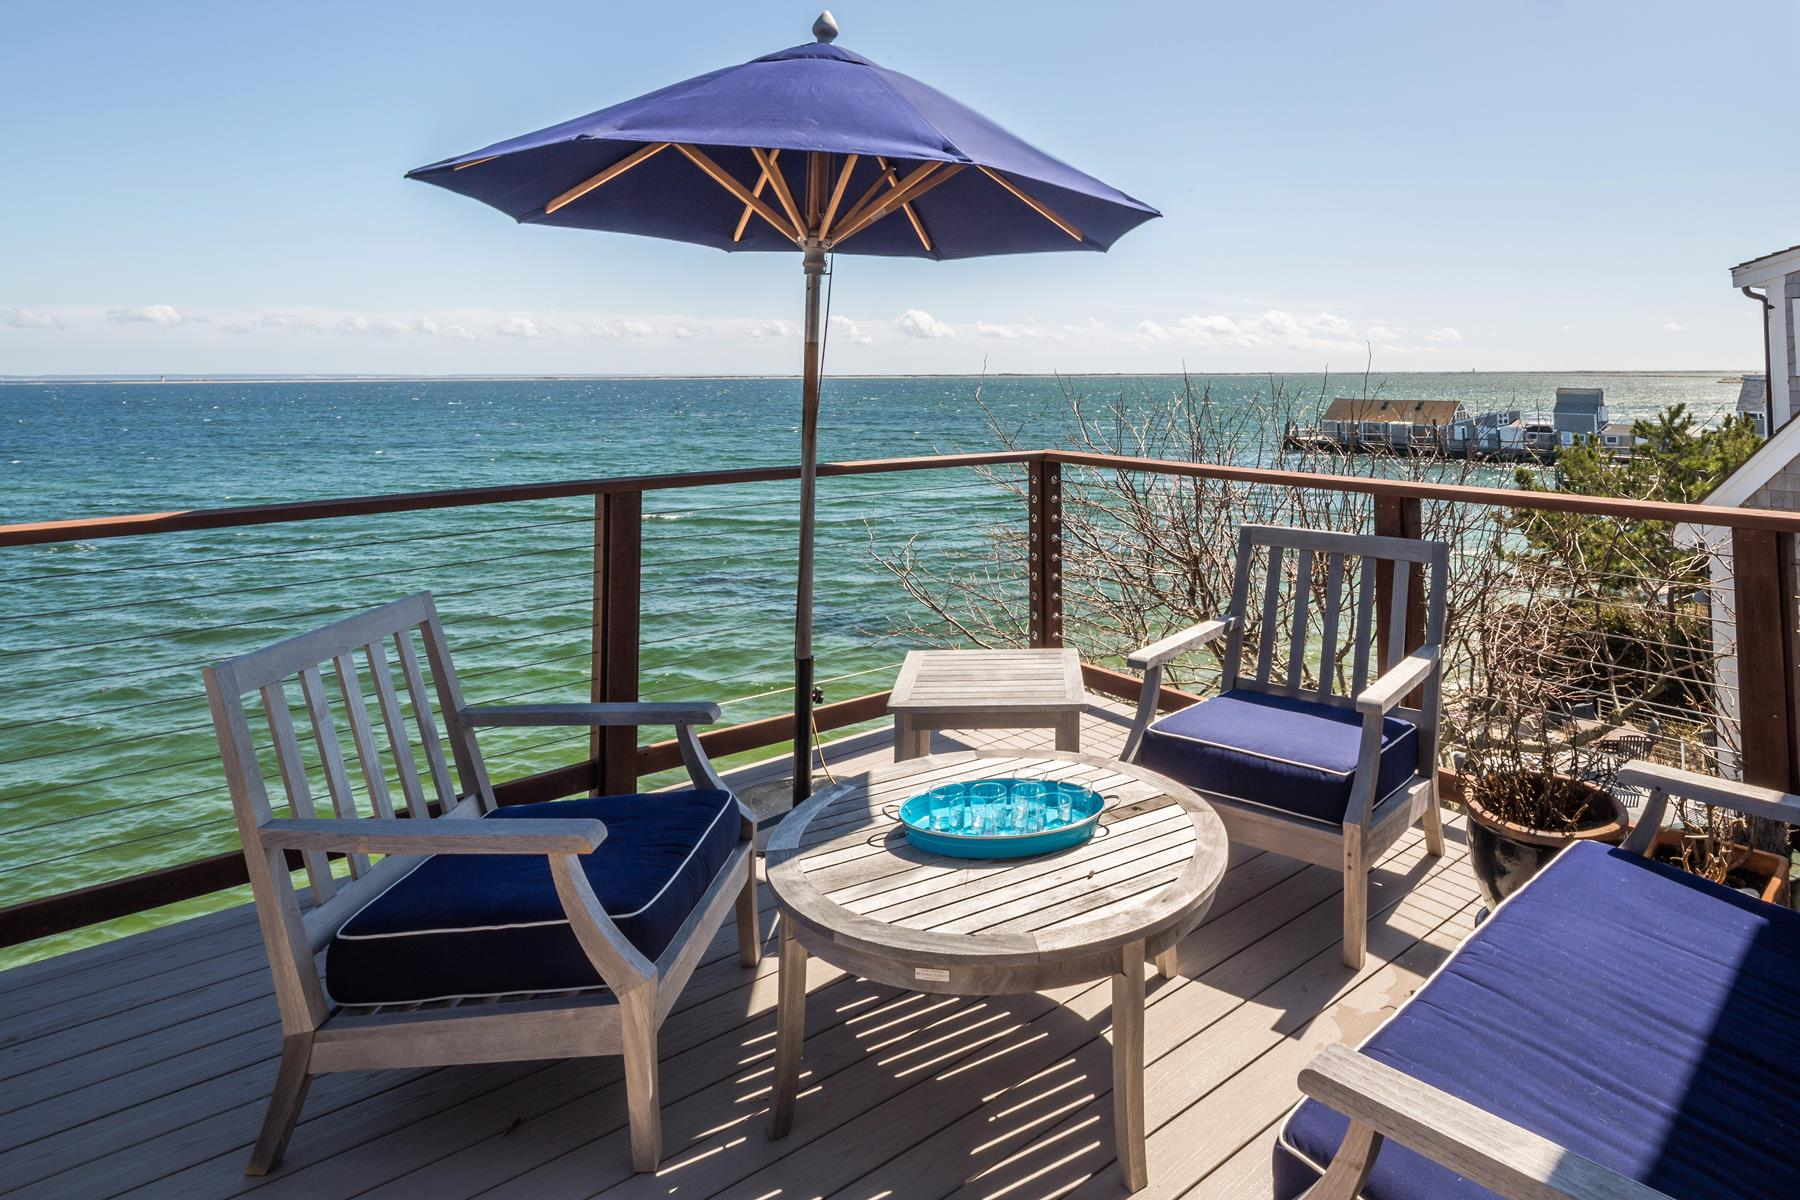 Condomínio para Venda às Exquisite Waterfront Penthouse 93 Commercial Street, Unit 8 Provincetown, Massachusetts, 02657 Estados Unidos